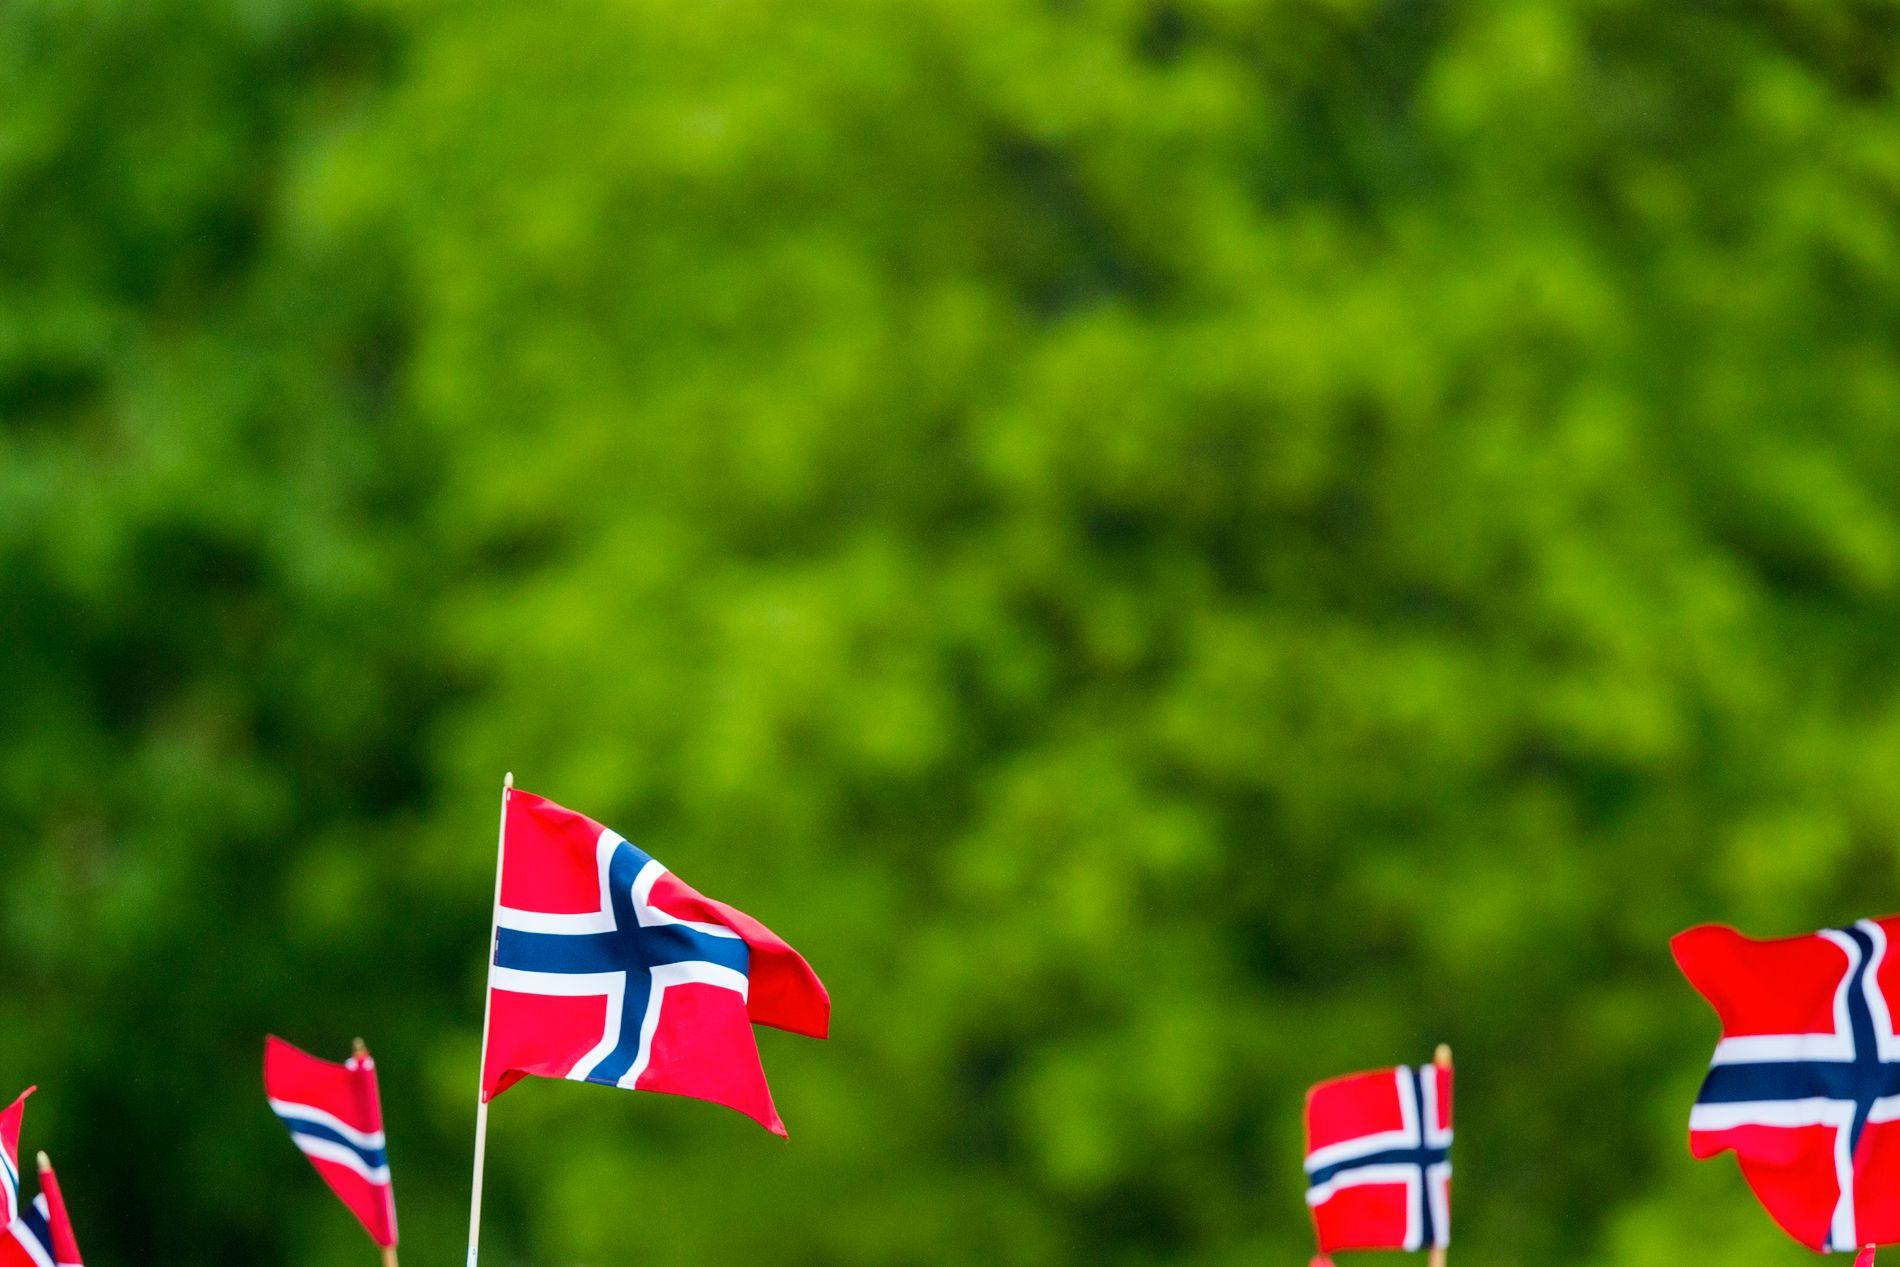 IKKE BARE NORSK:  – Jeg føler meg som både osing, østerdøl, newyorker, vestlending, nordmann, amerikaner, europeer og verdensborger, skriver kronikkforfatteren.